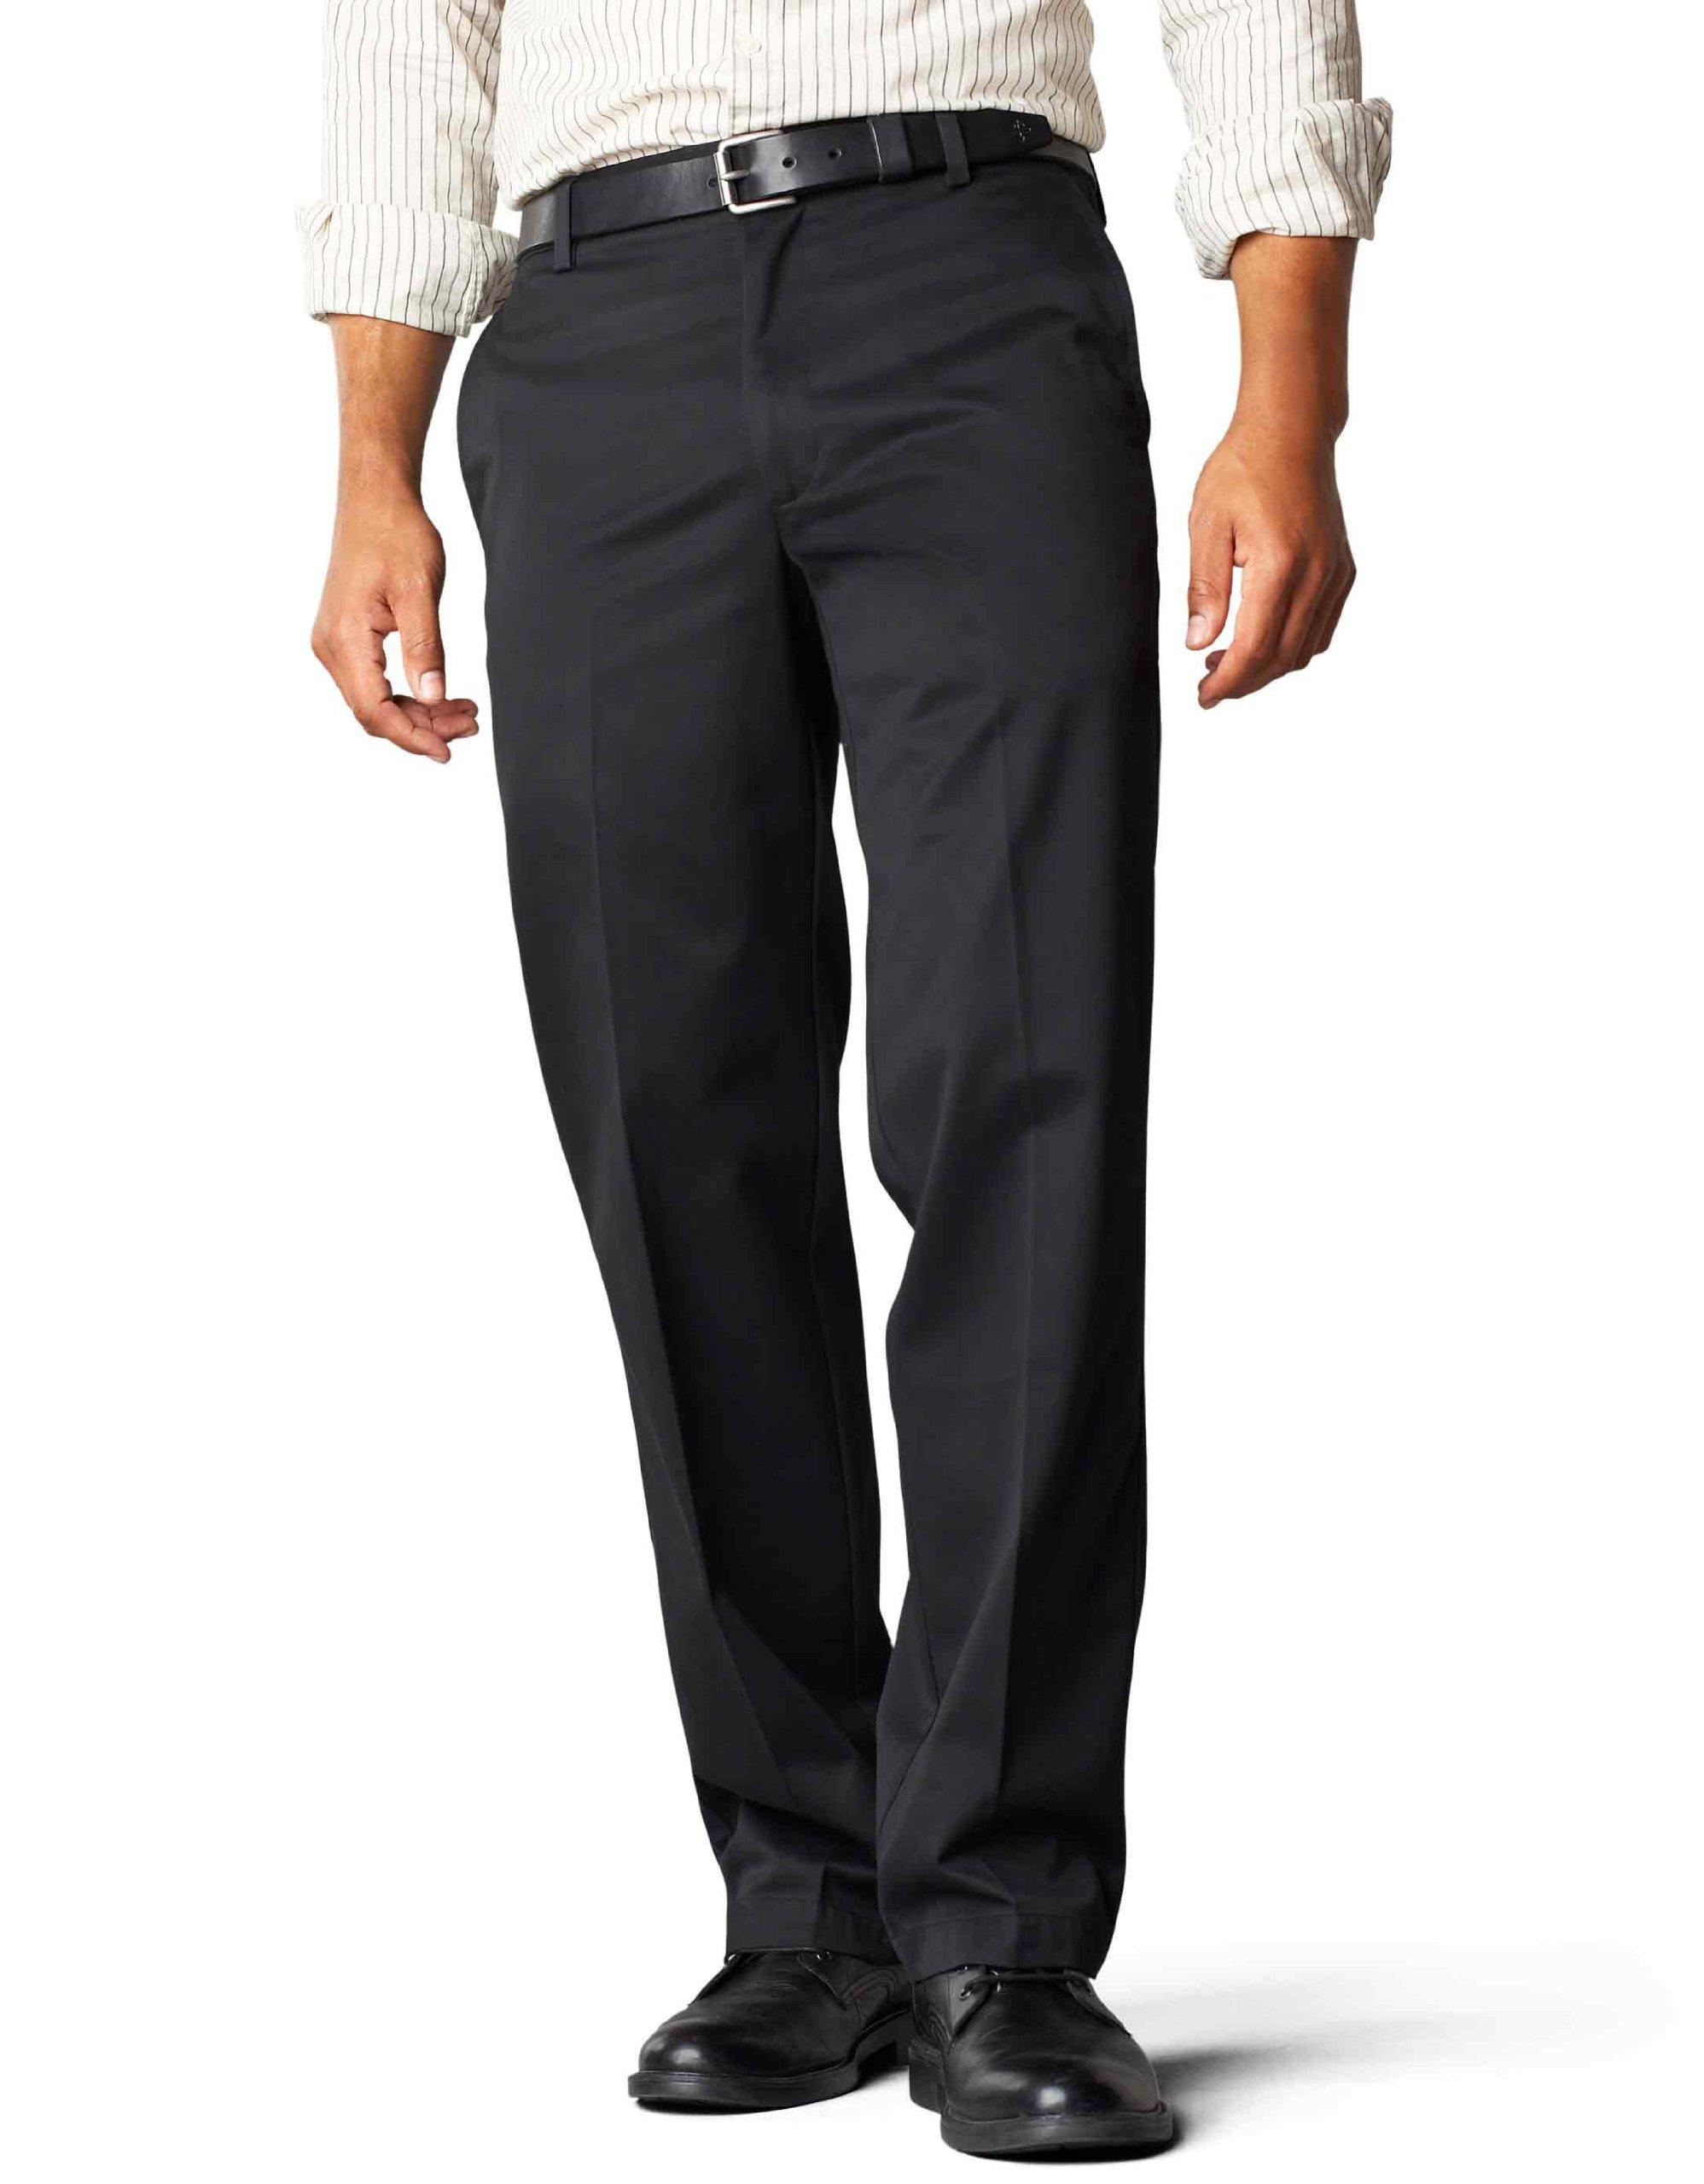 Dockers Men's Straight Fit Signature Khaki Pant D2, Black (Cotton) -discontinued, 38W x 29L